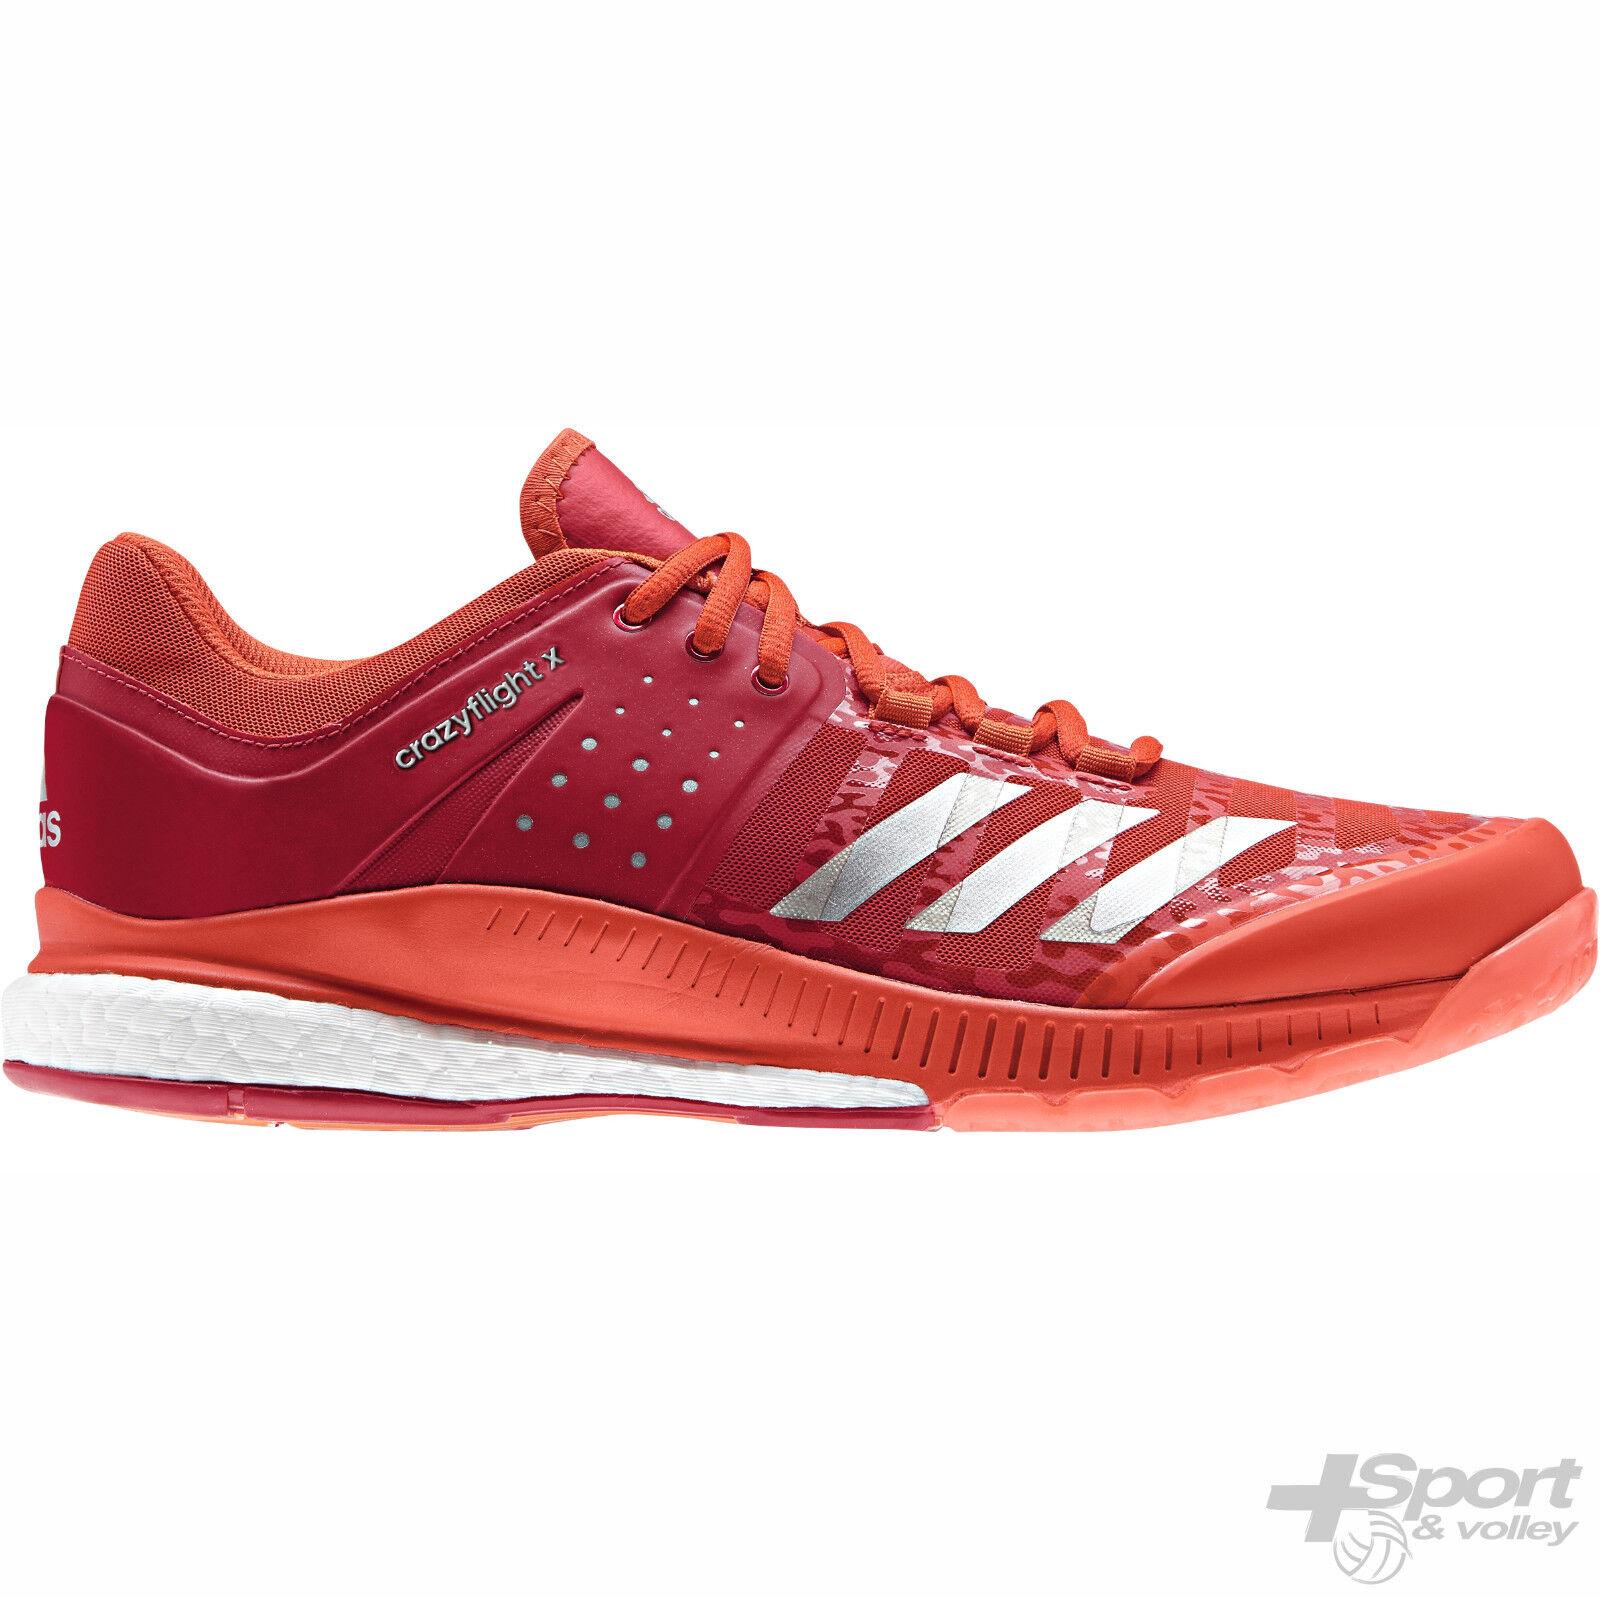 Sautopa volley Adidas Crazyvolo X Uomo - BY2585 Sautope classeiche da uomo